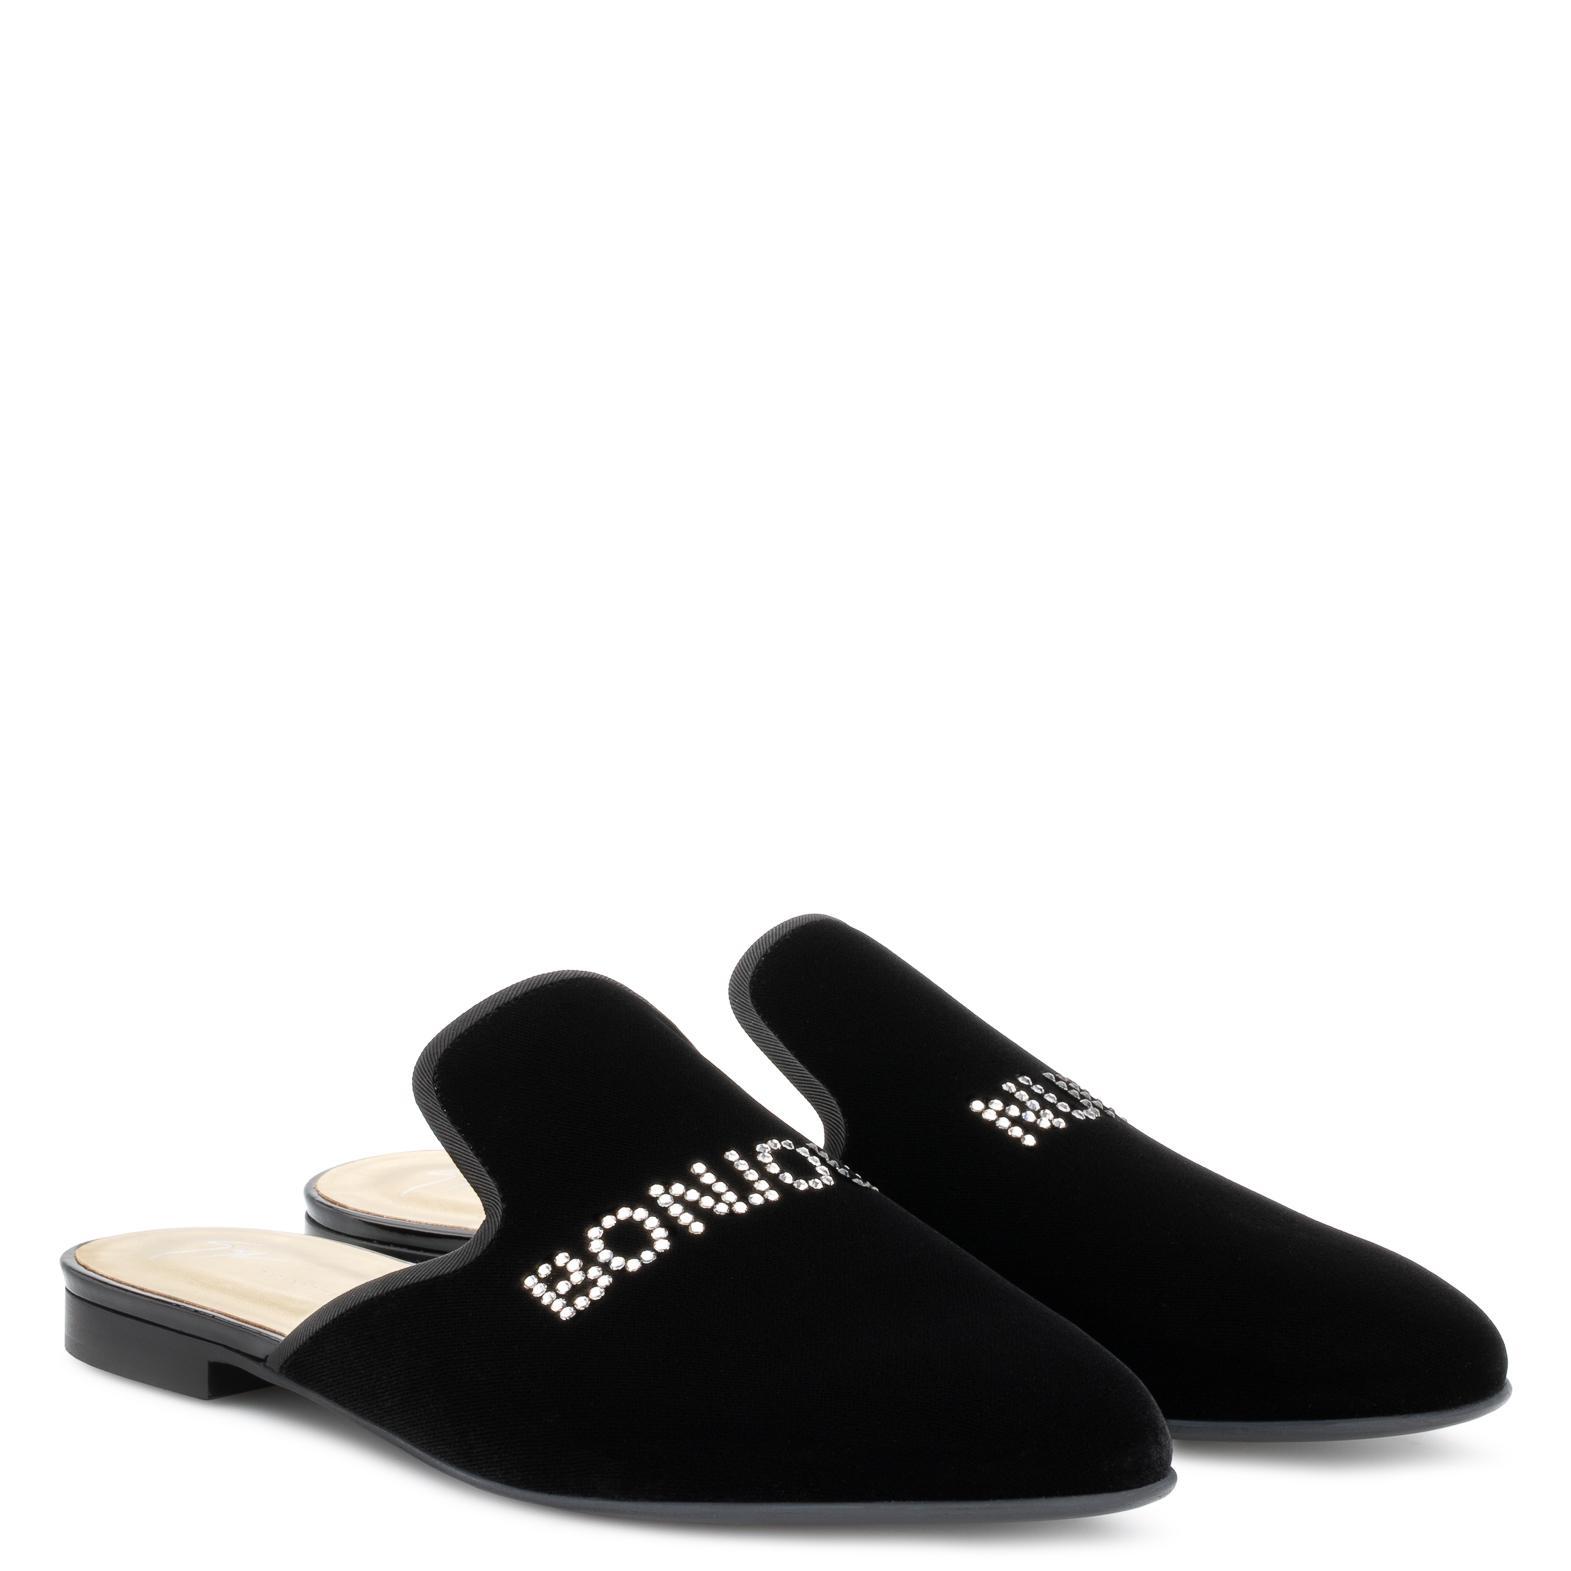 Giuseppe Zanotti Velvet flat slipper with 'Bonjour Nuit' motif BONJOUR NUIT